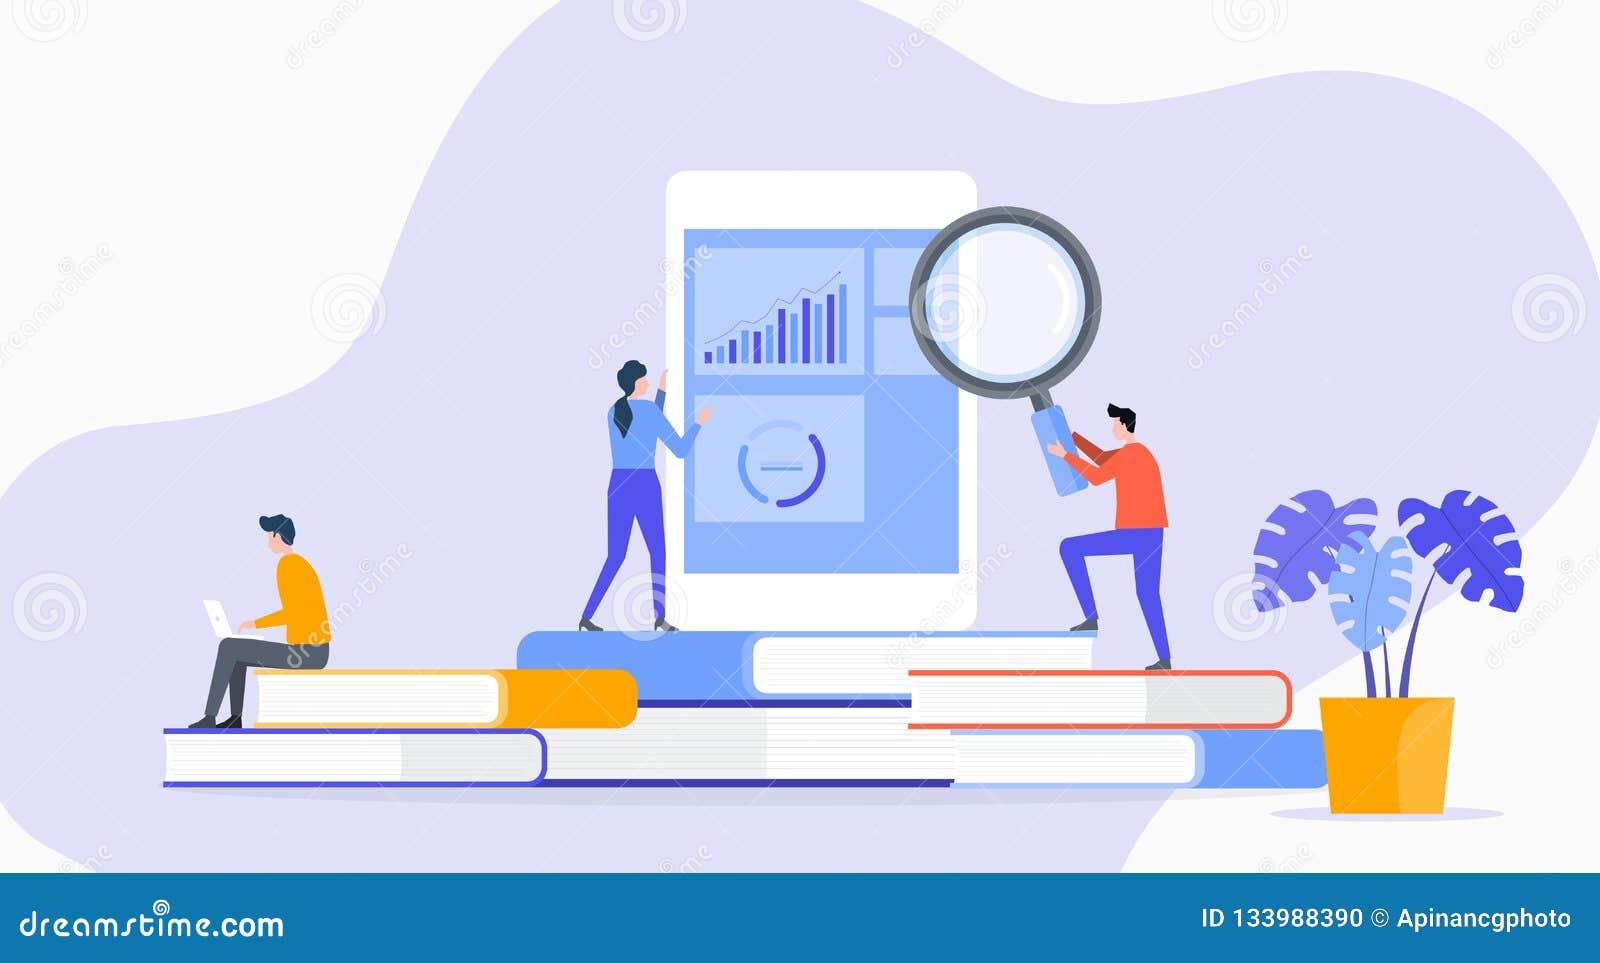 Η επίπεδη έρευνα επιχειρηματικής εφαρμογής τεχνολογίας απεικόνισης με την επιχείρηση ανθρώπων αναλύει την ομάδα